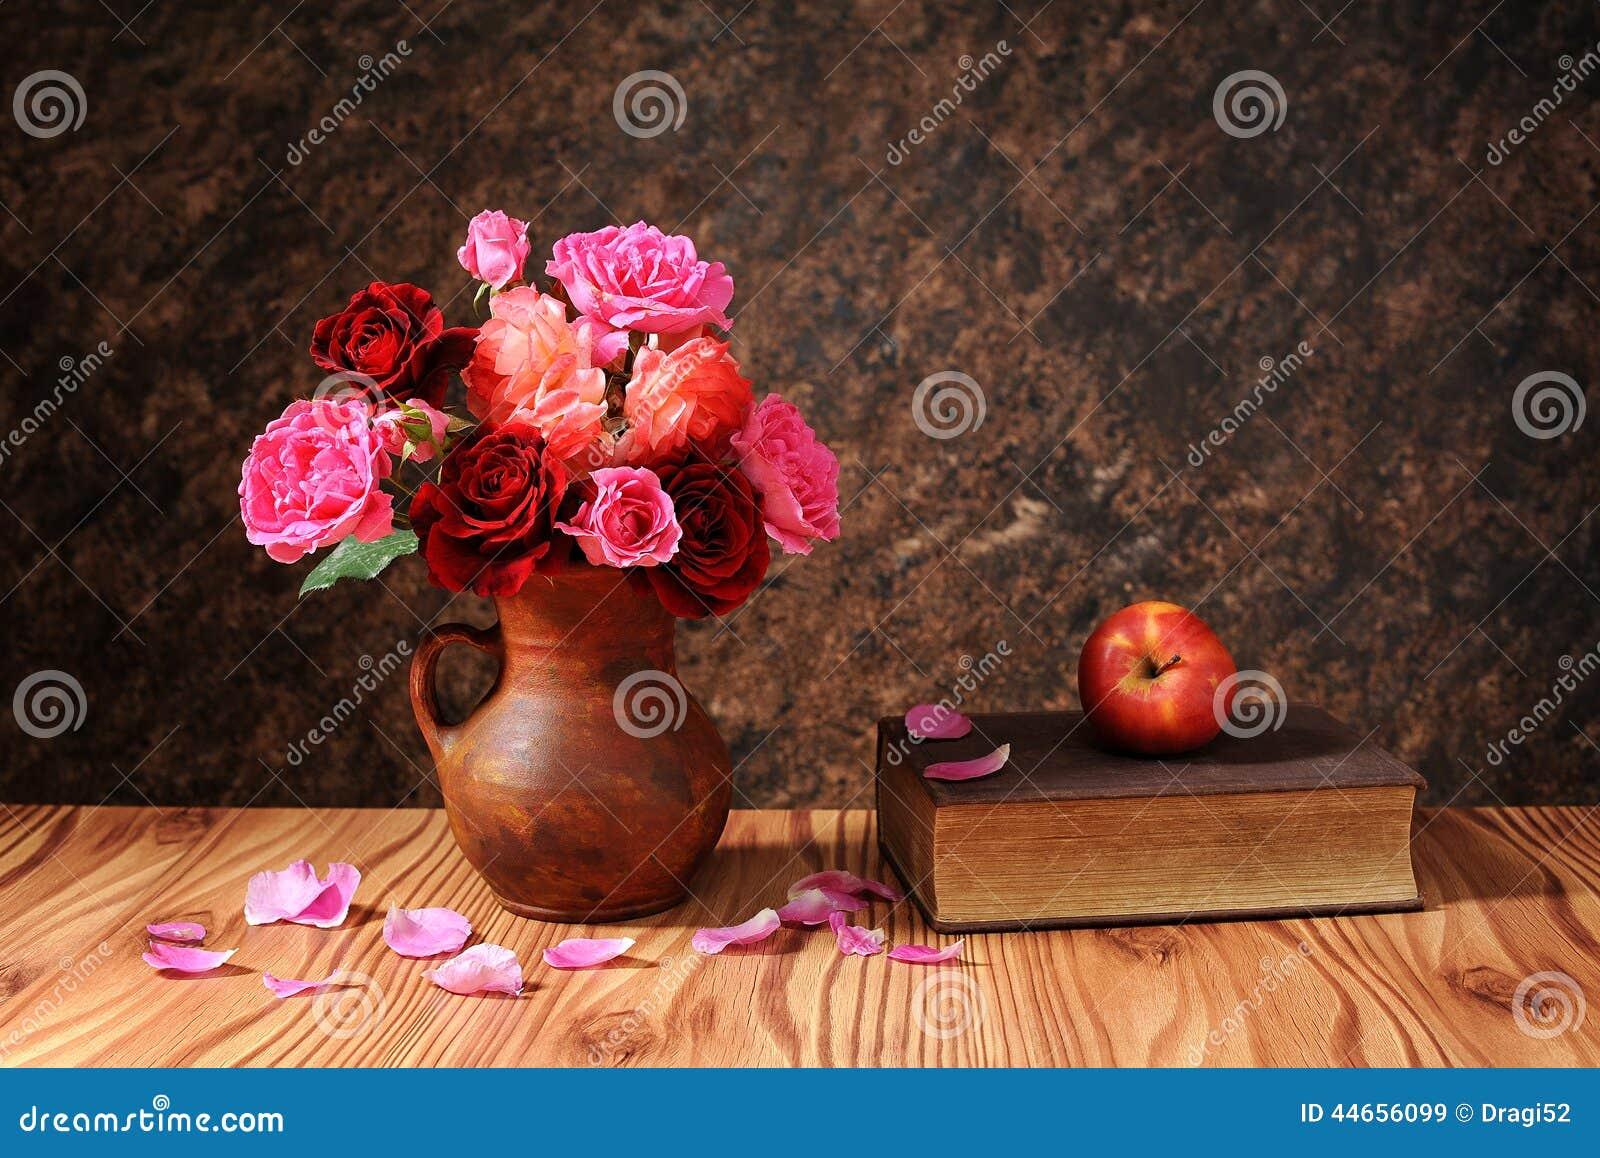 Rosas en florero y libros de cer mica foto de archivo for Libro in ceramica